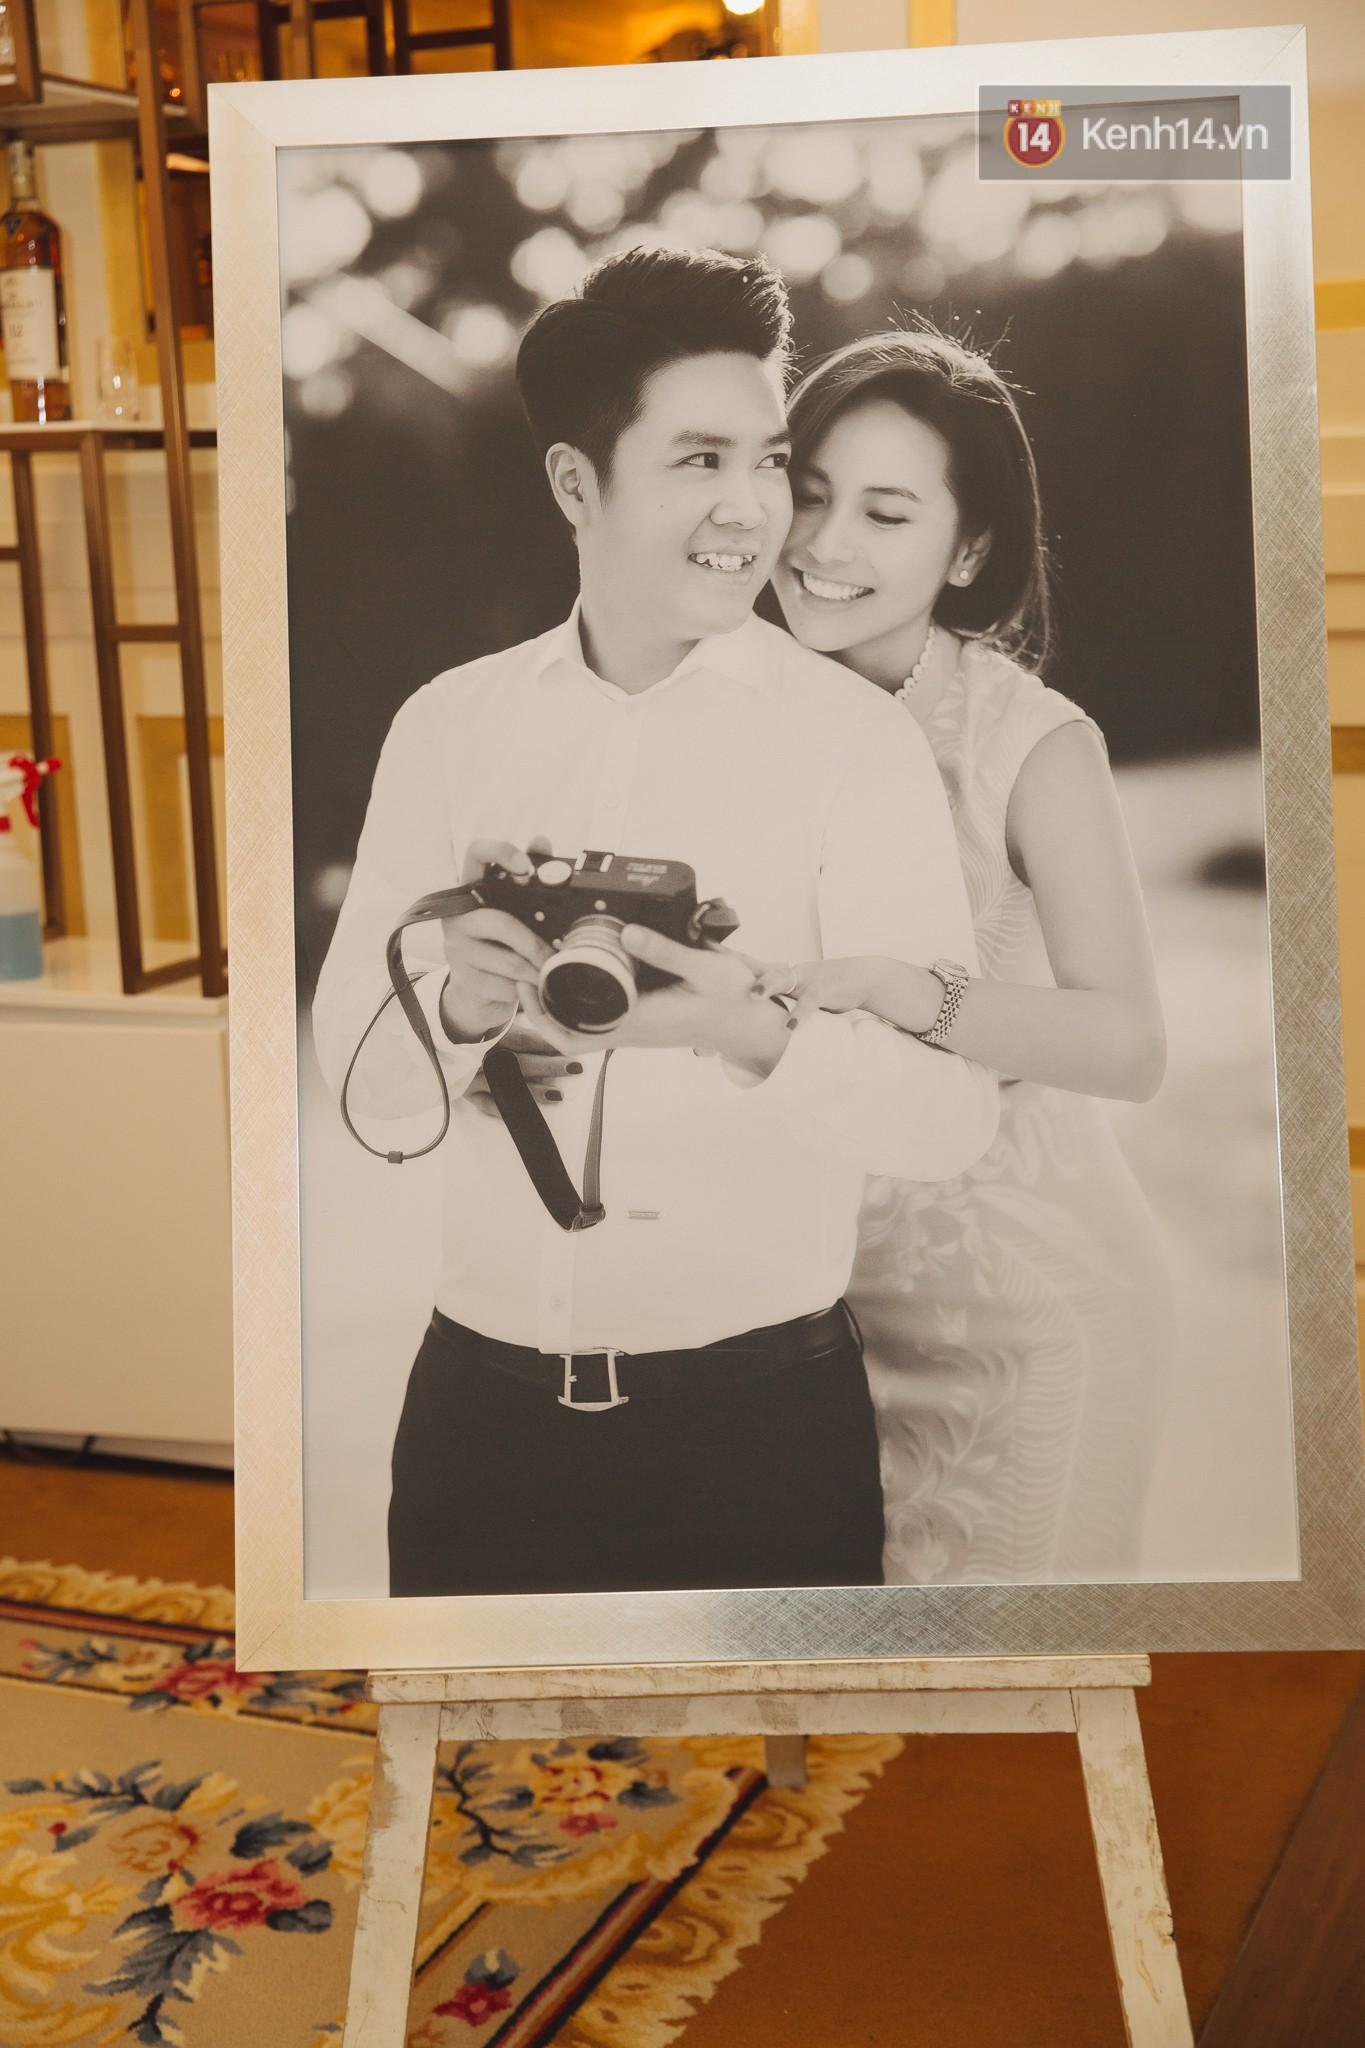 Dù rất hồi hộp, Lê Hiếu vẫn kịp nhắn đến bà xã lời hứa ngọt ngào trong đám cưới-13